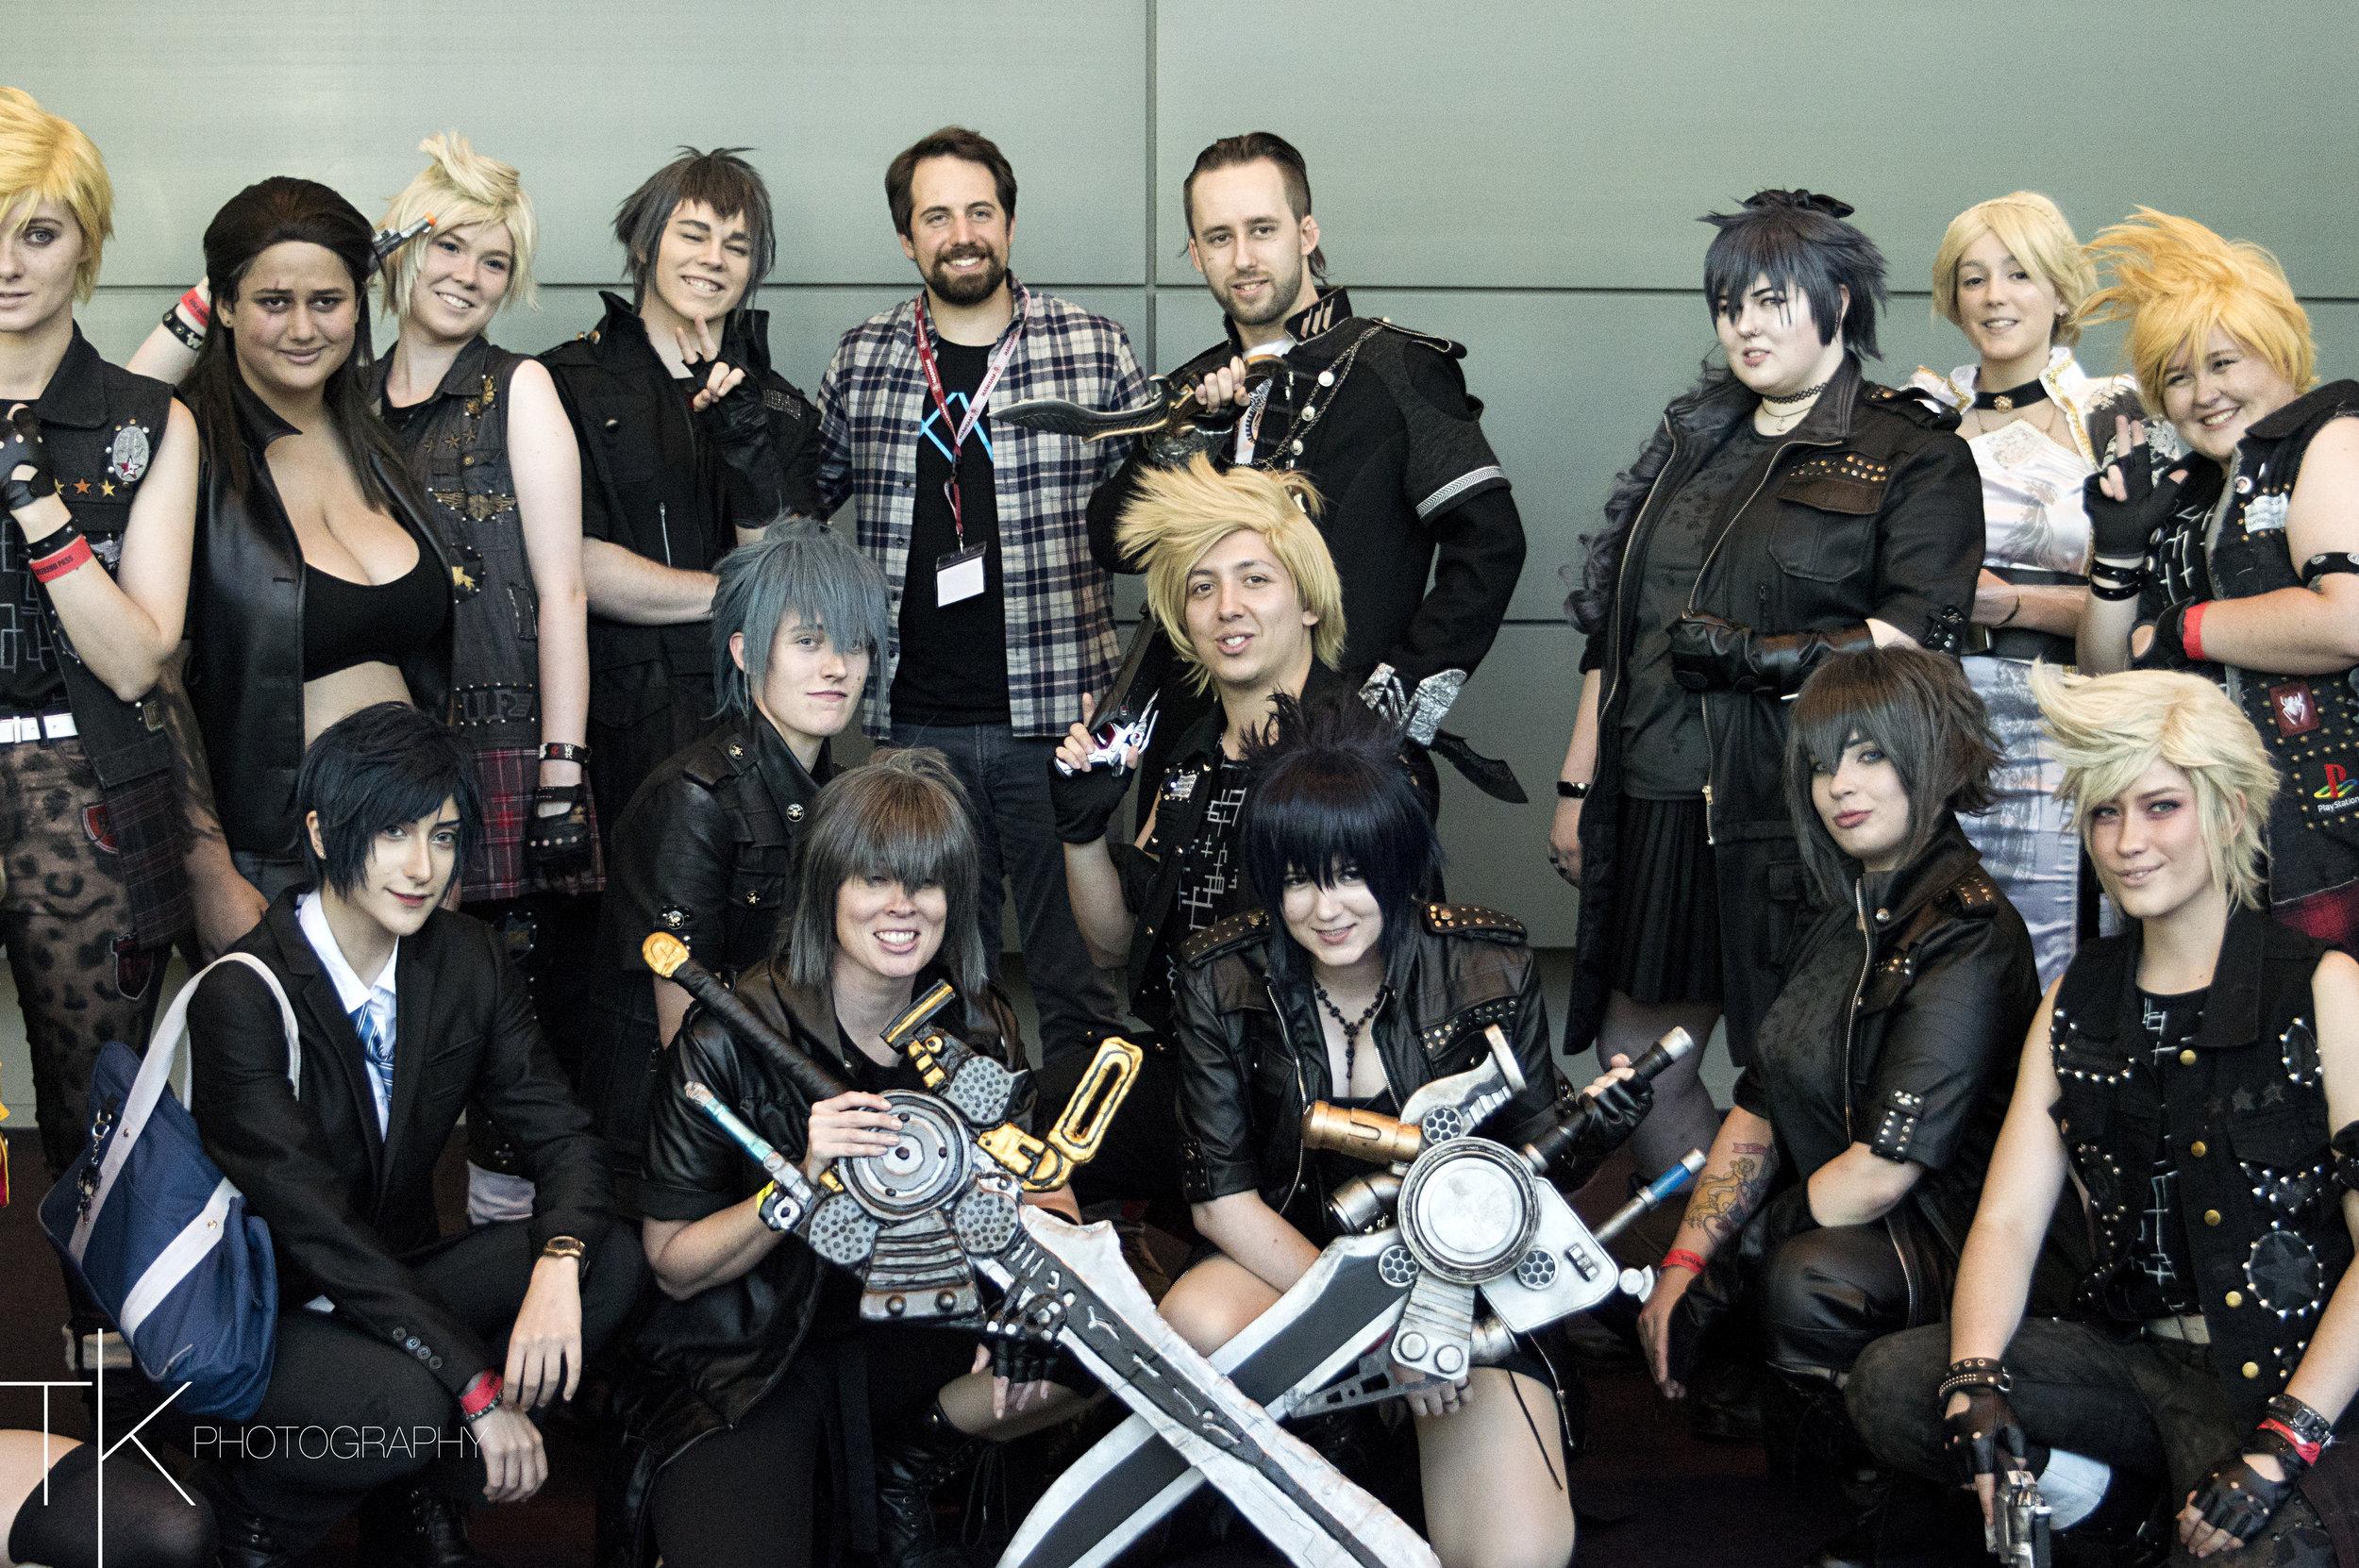 Final Fantasy ft Ray Chase & Knitemaya by Tiffany Kennedy 3